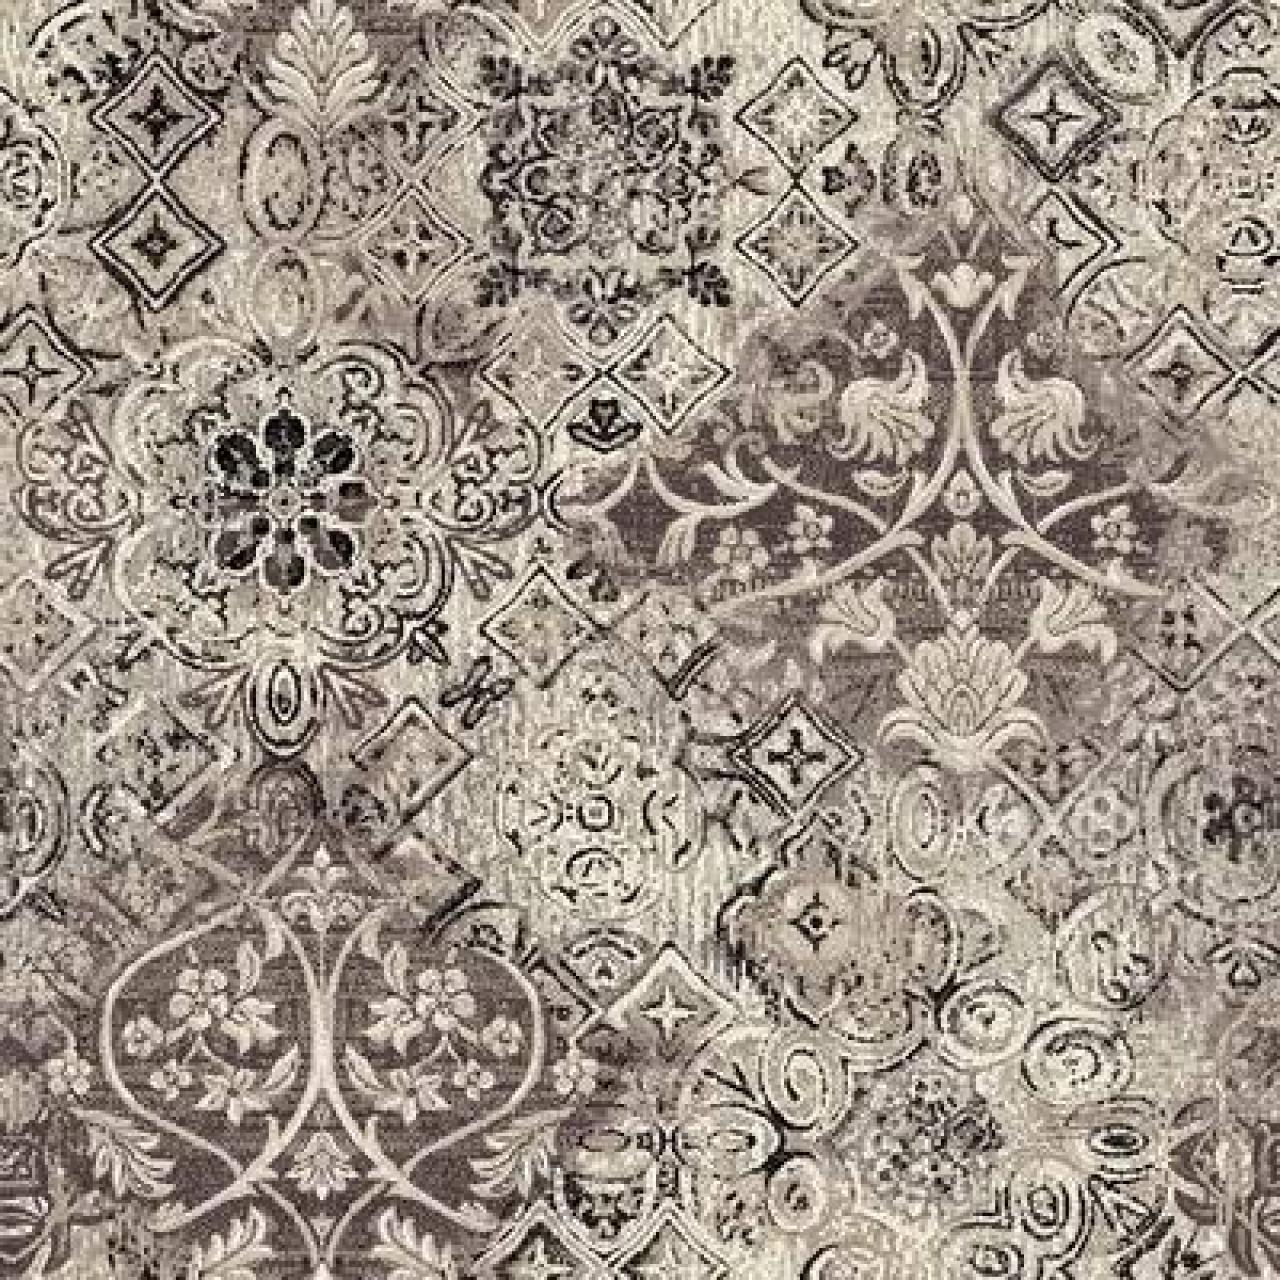 Ковровая дорожка p1711b5r - 100 - коллекция принт 8-ми цветная дорожка - фото 1